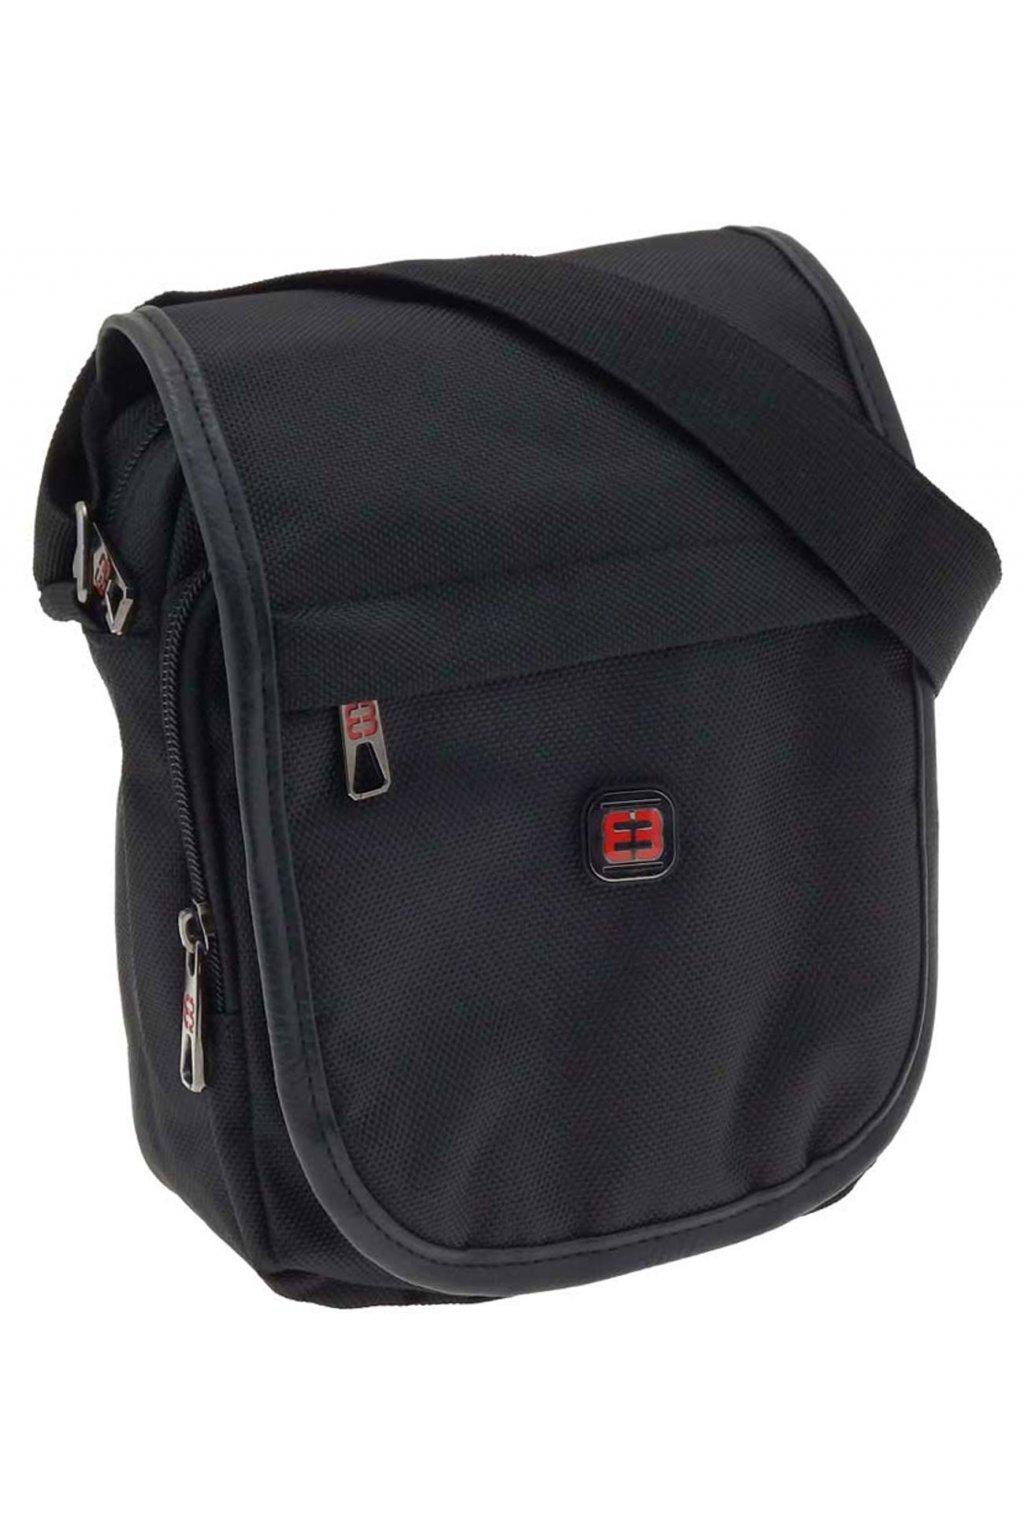 panska taska pres rameno cerna PKT03 47141 C